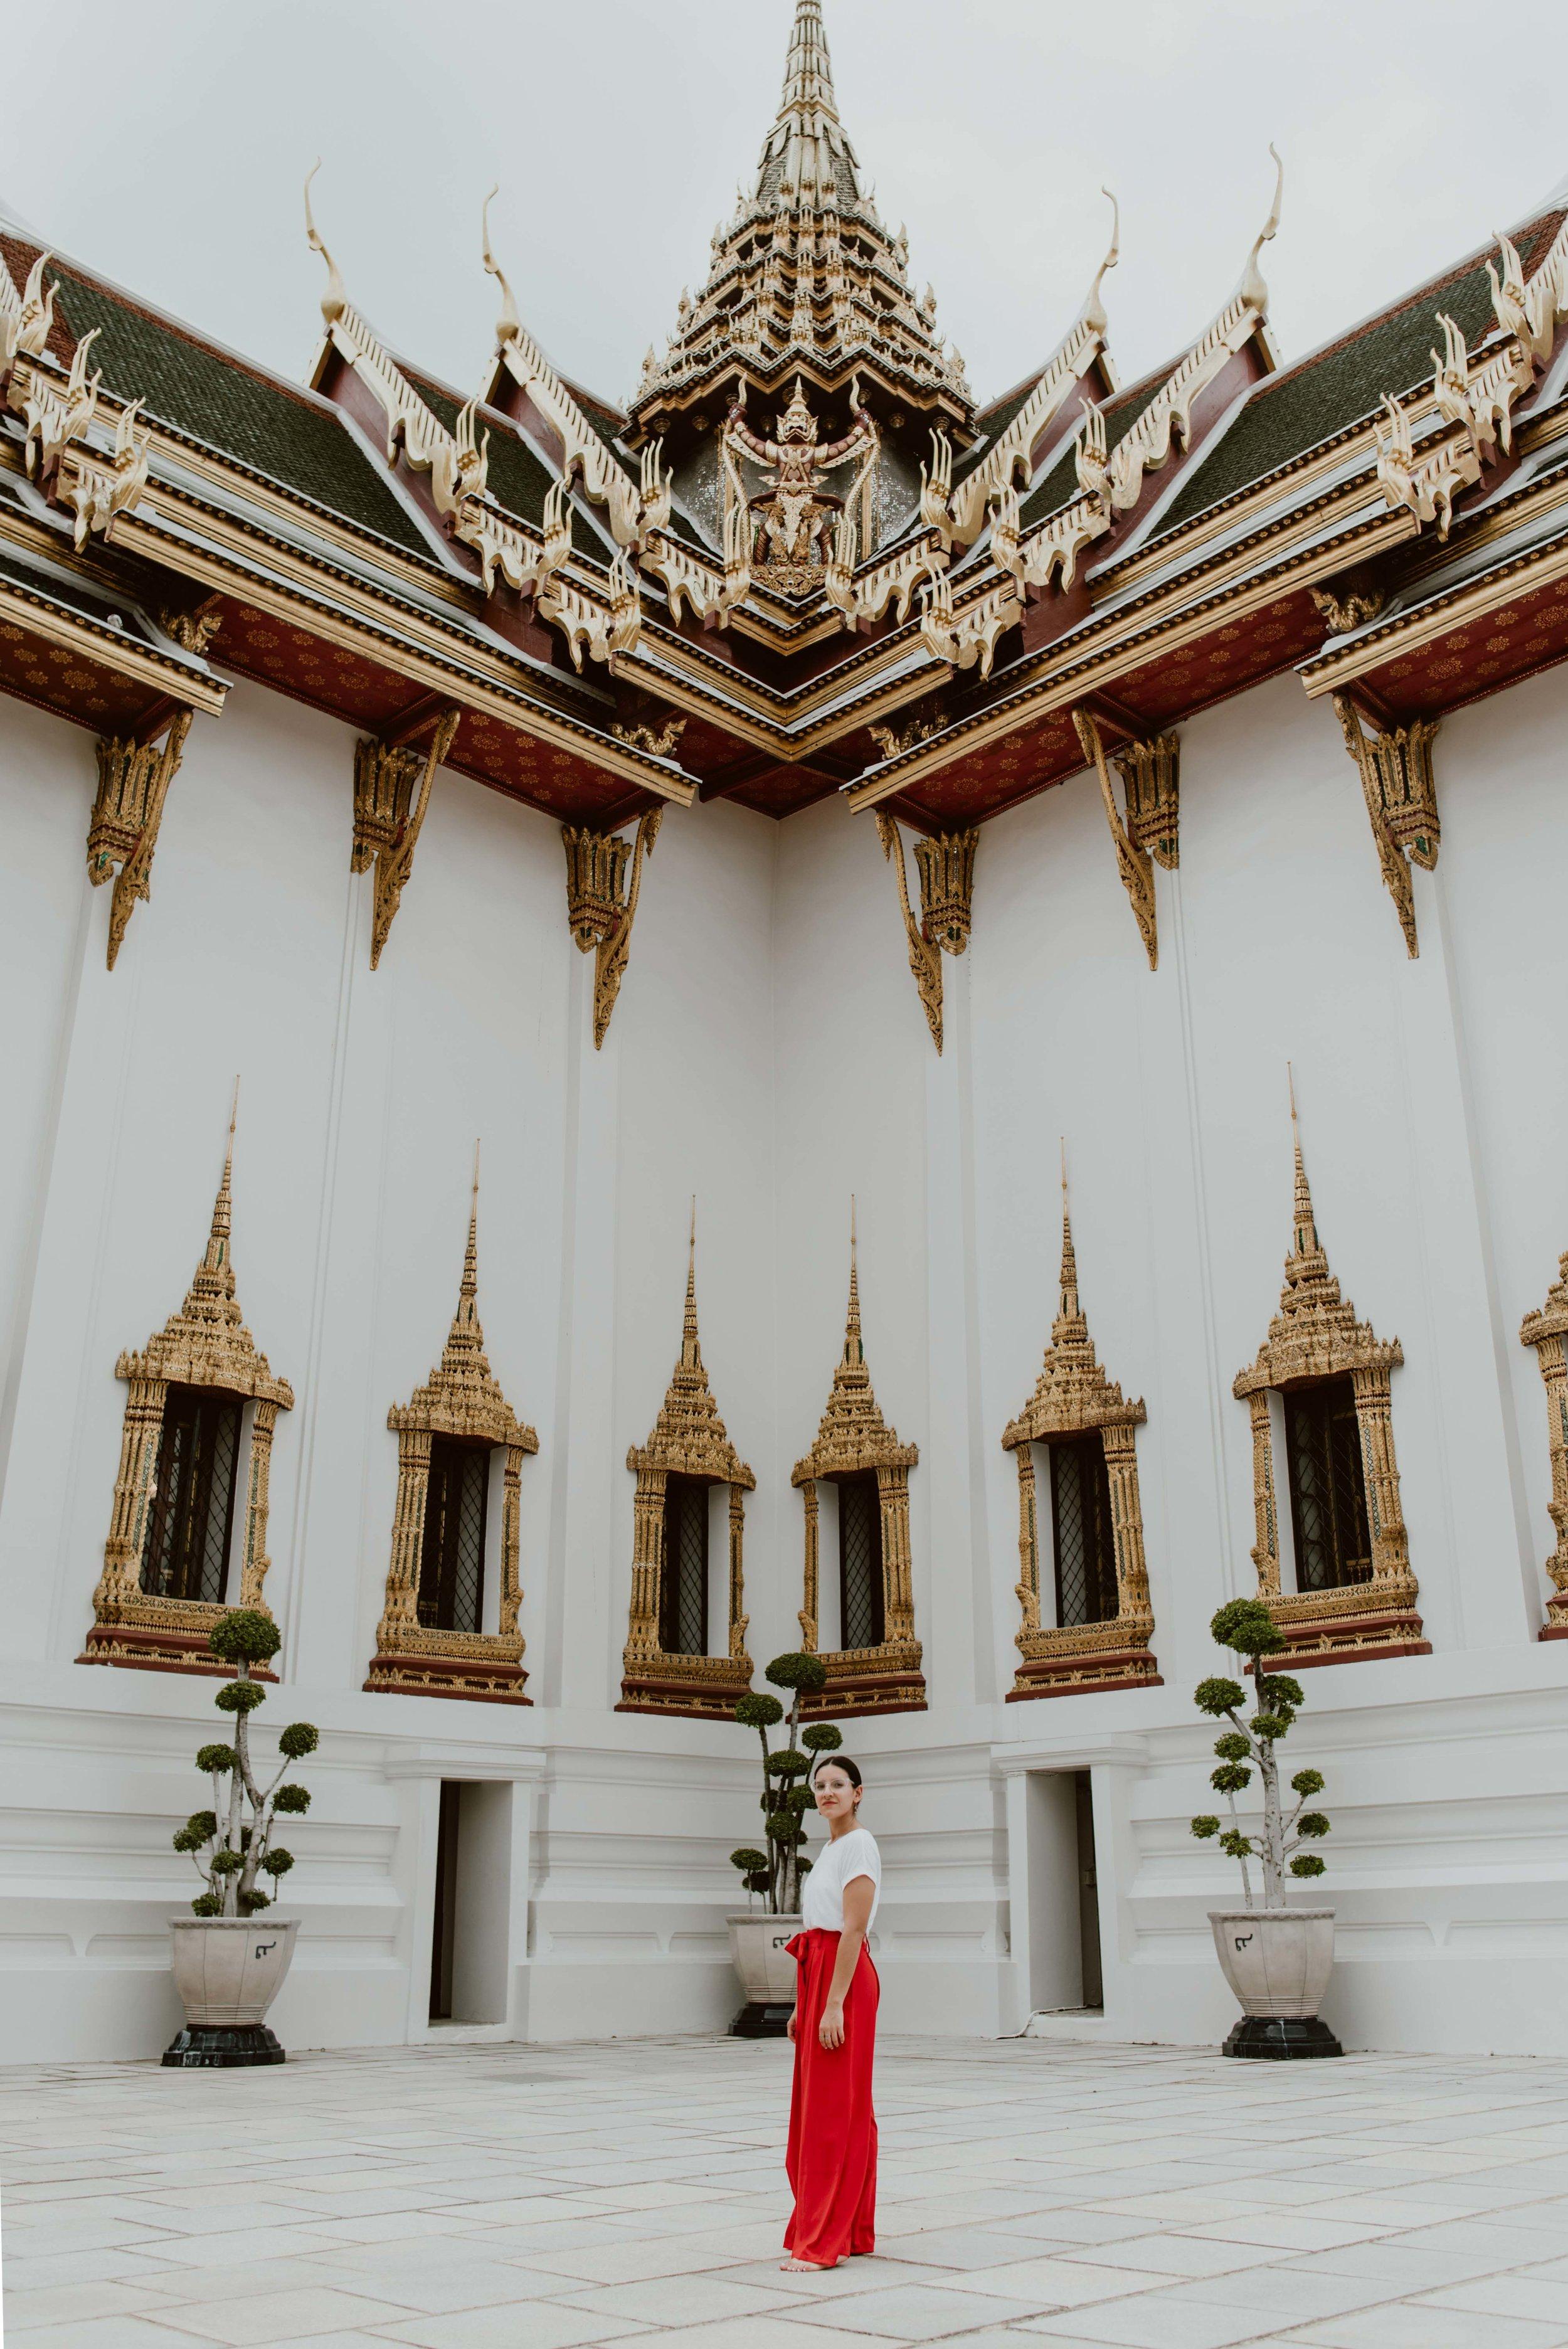 Bangkok-losebano-153.jpg